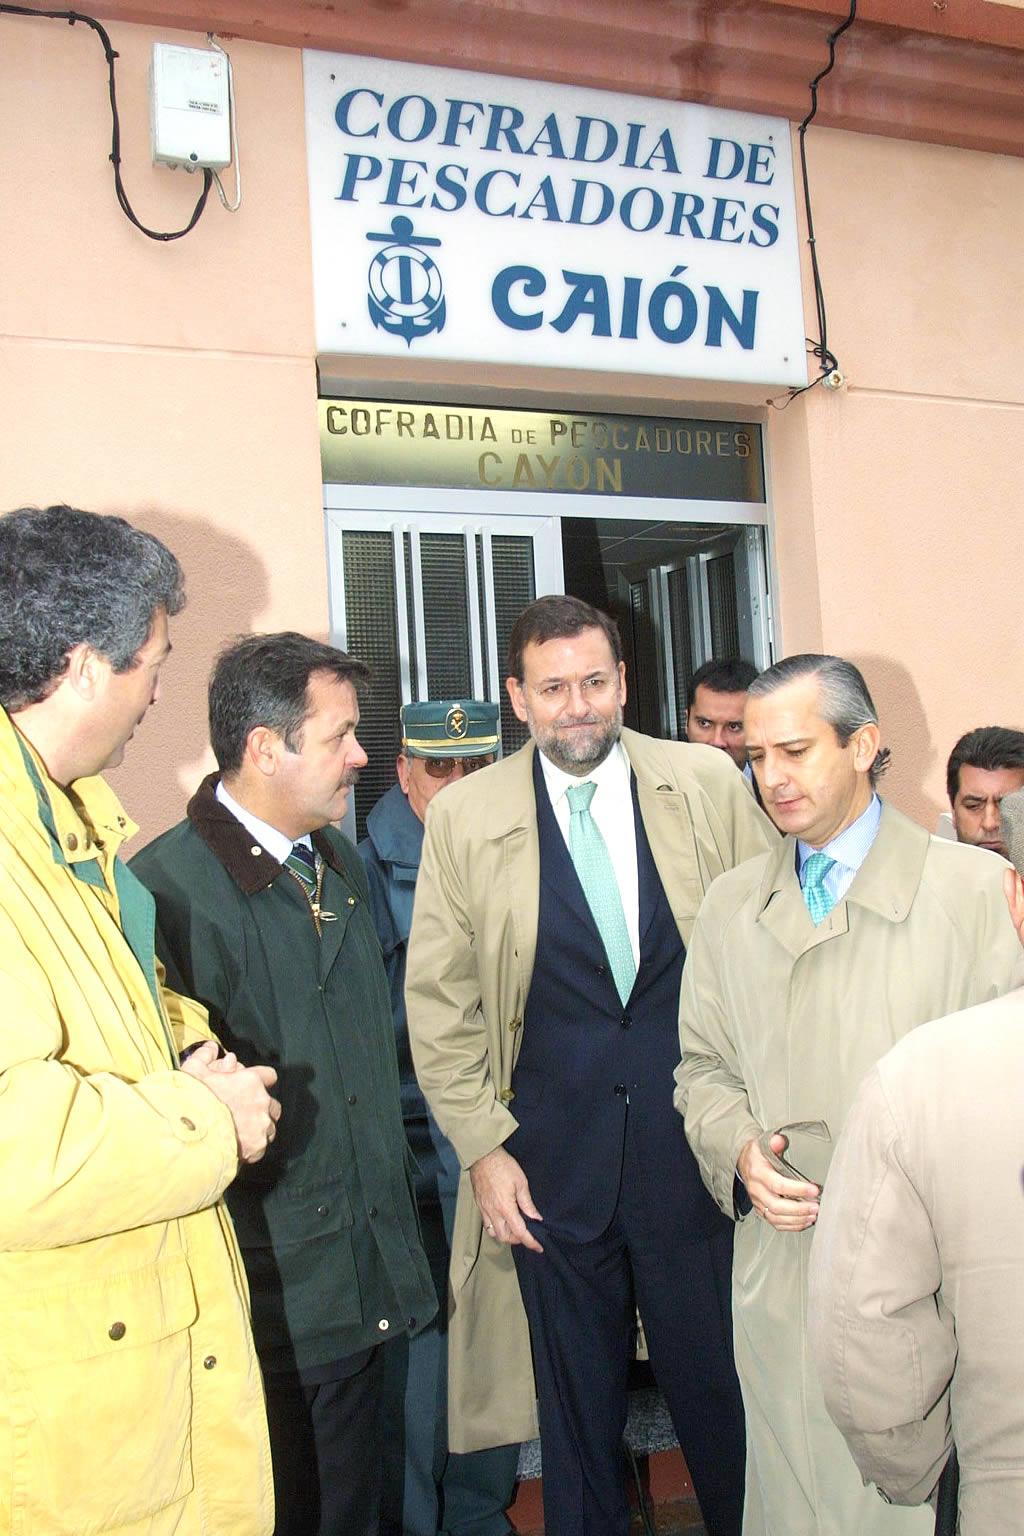 El vicepresidente Rajoy con Arsenio Fernández de Mesa en Caión (A Laracha) <br>José Manuel Casal